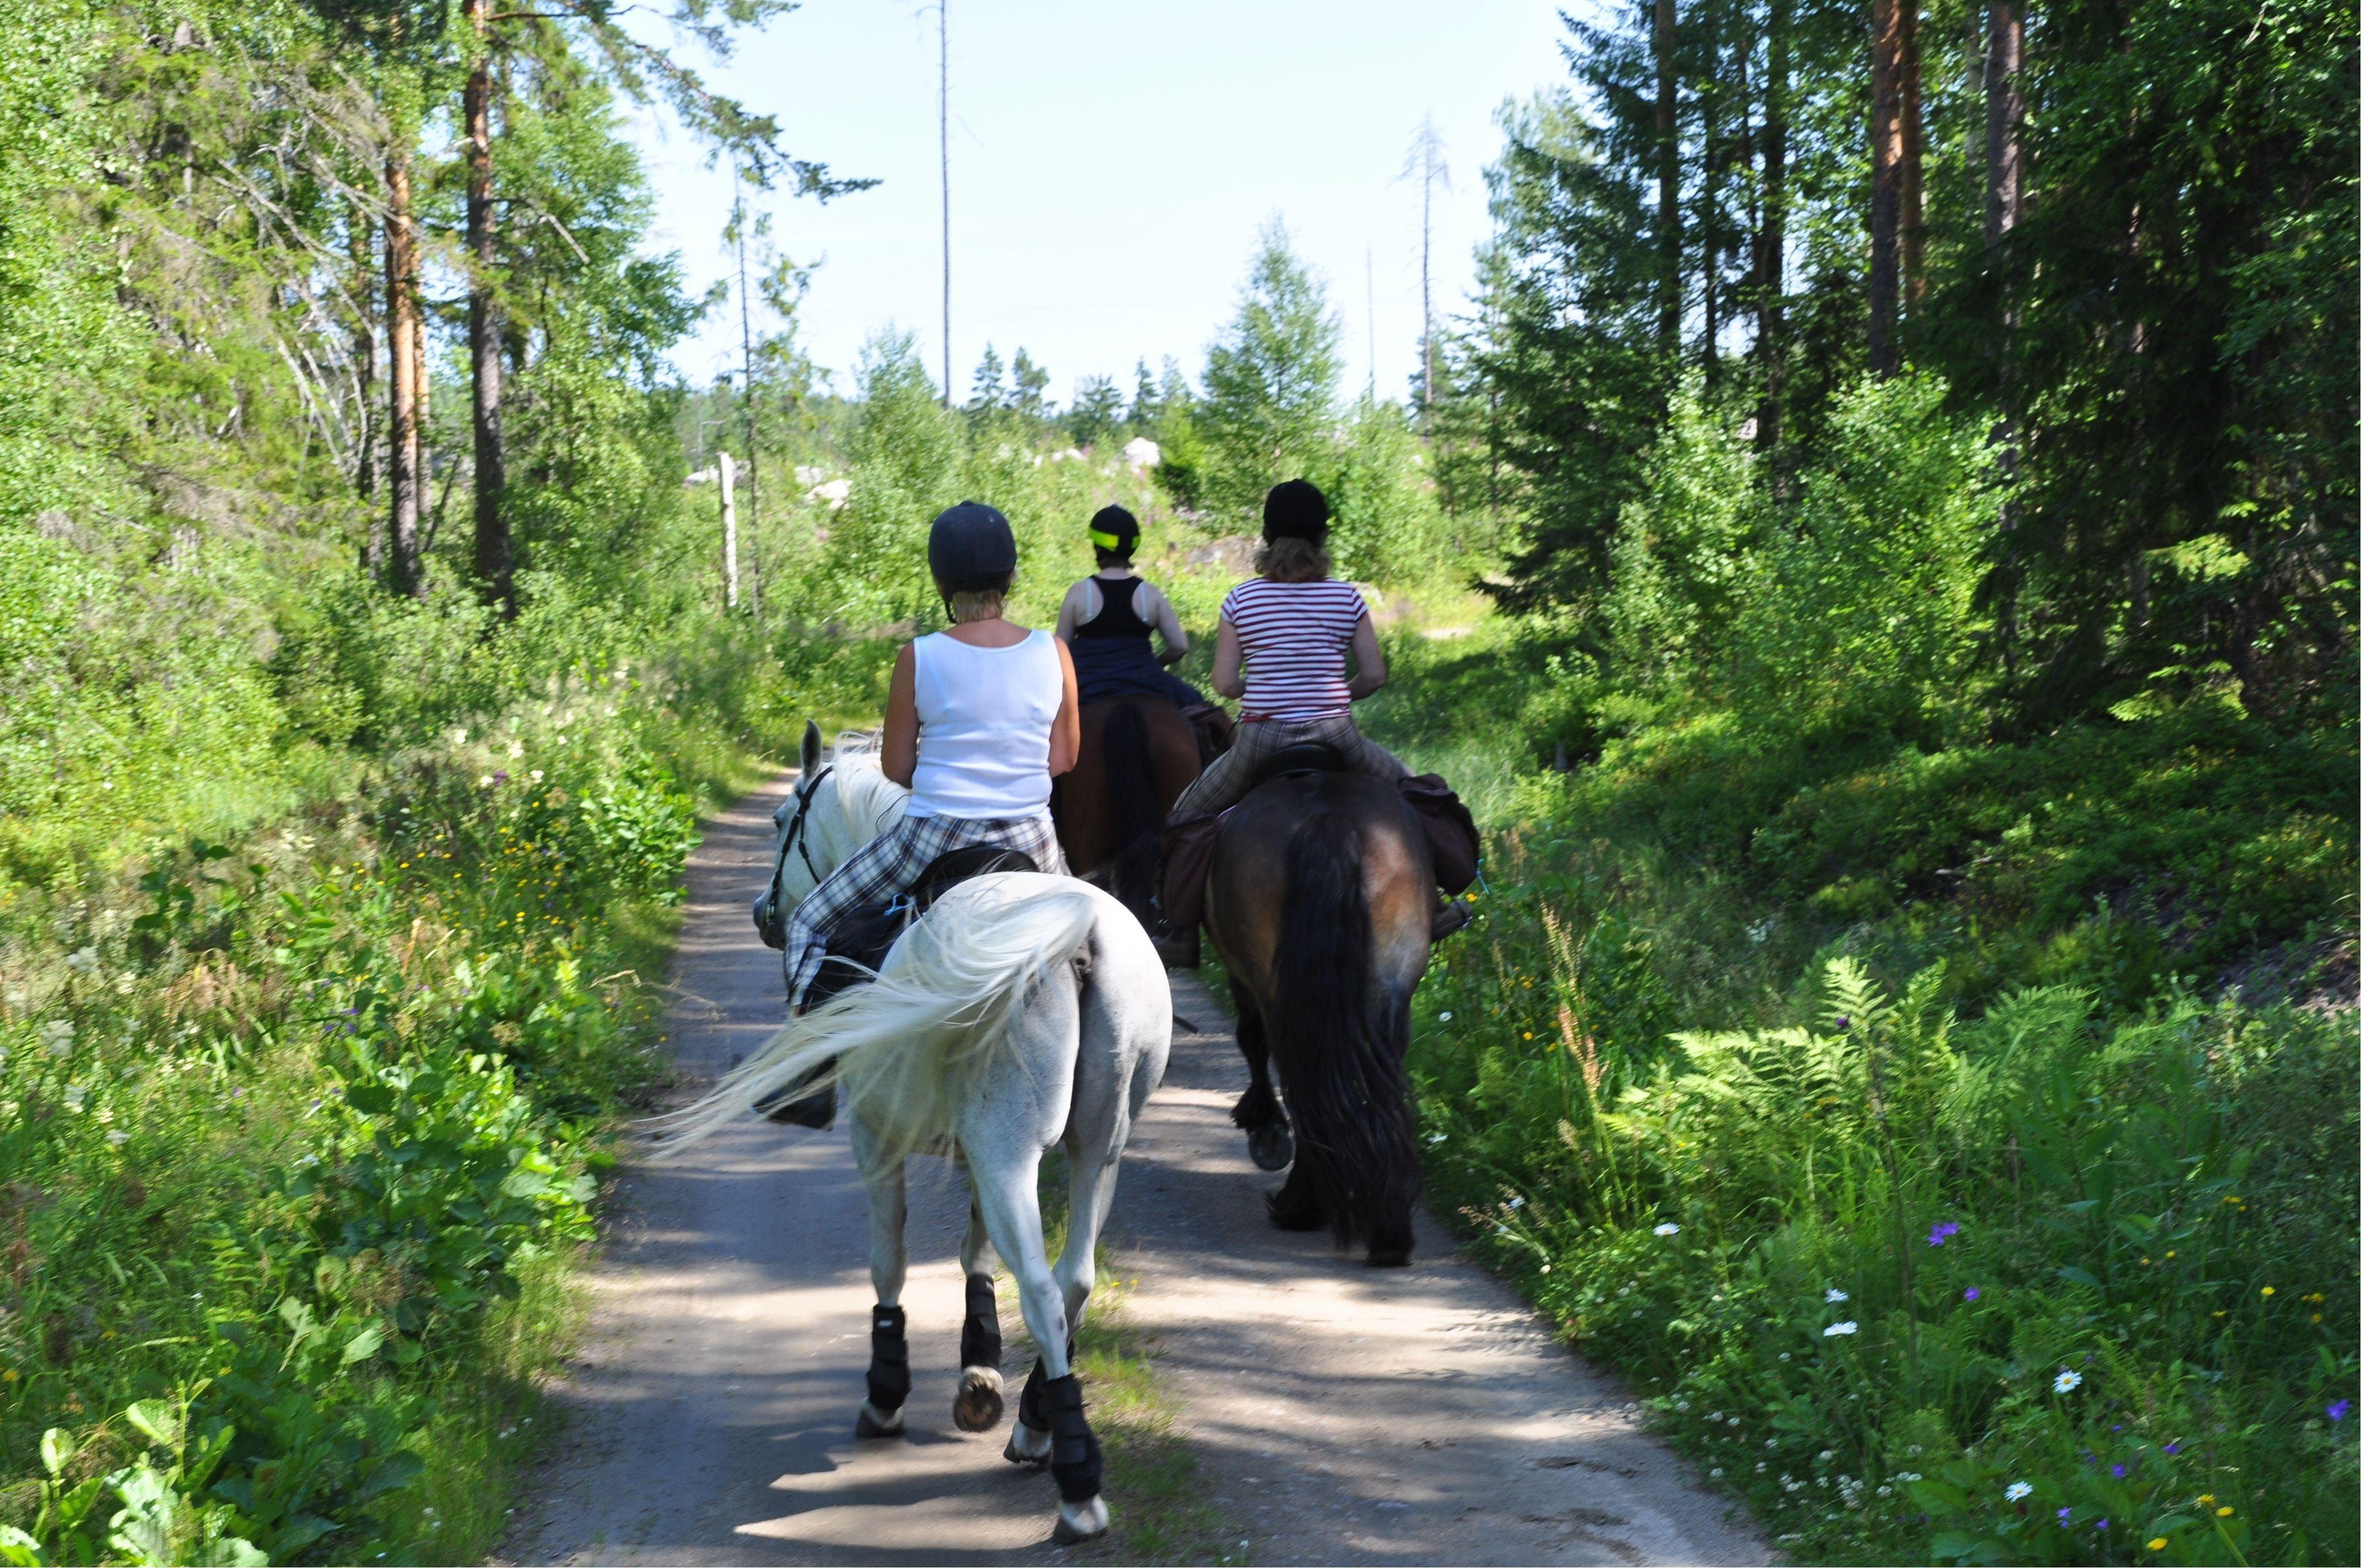 Horse tour - Small tour